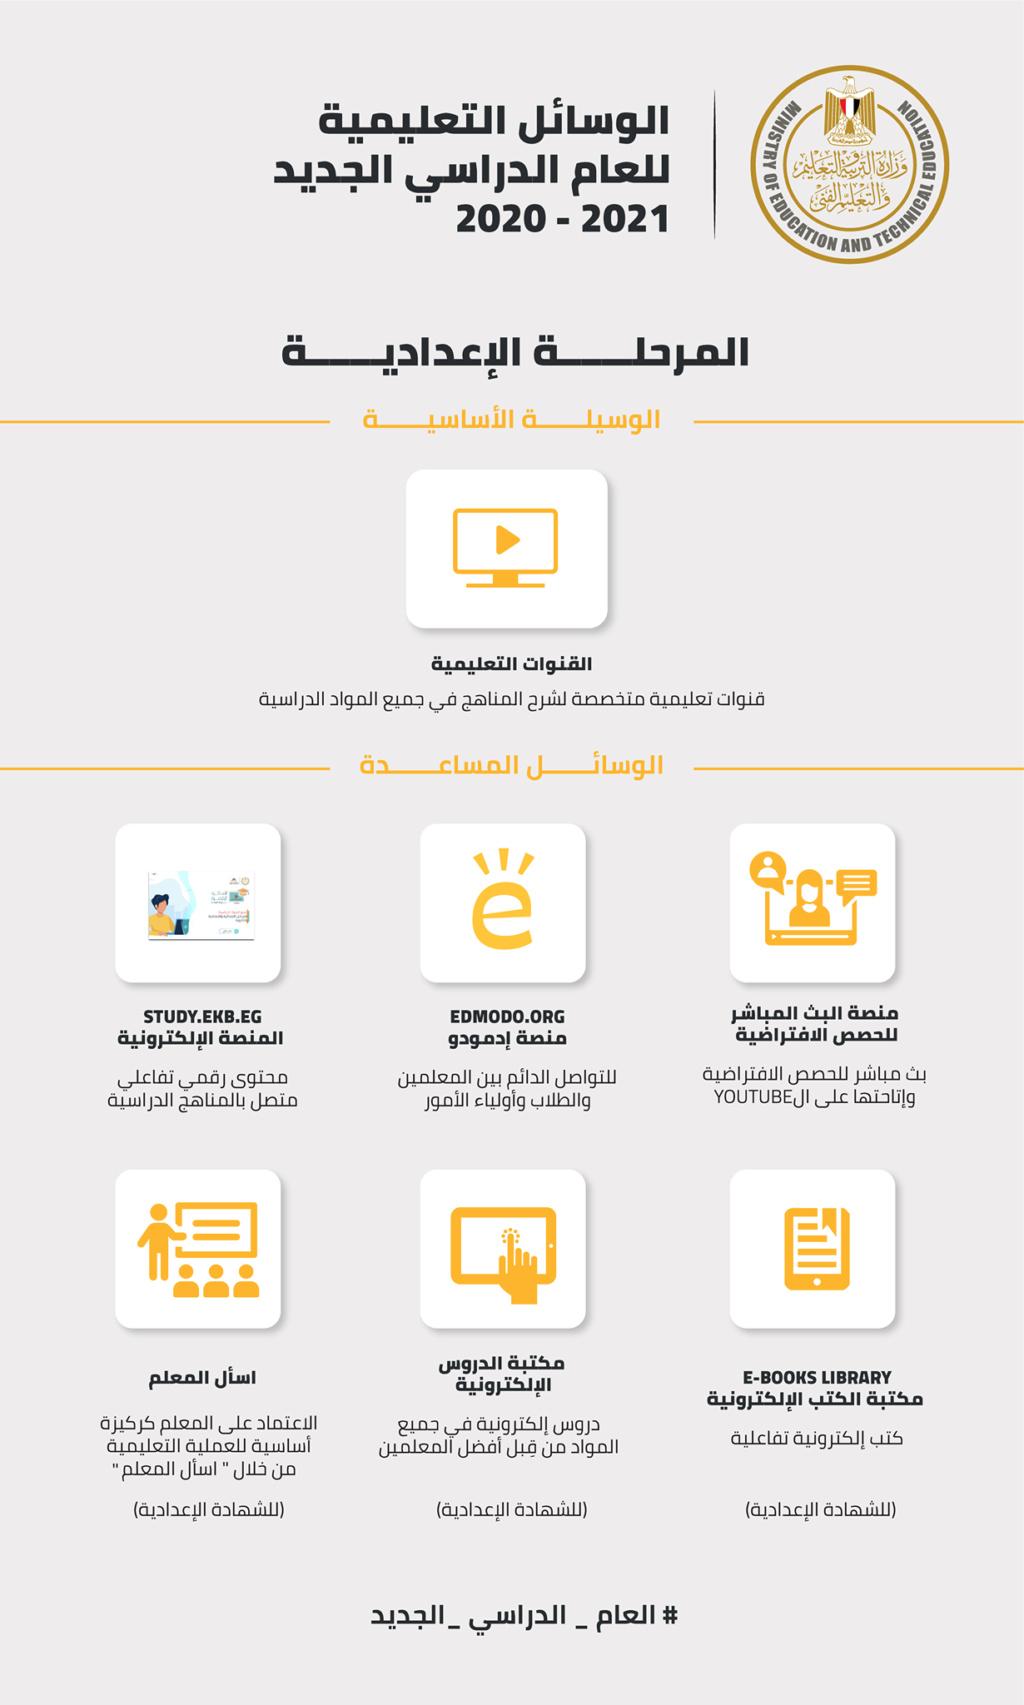 وزير التعليم يعلن عن الوسائل التعليمية الأساسية والمساعدة المتاحة لكل مرحلة دراسية للعام الدراسي الجديد ٢٠٢٠ - ٢٠٢١ 270